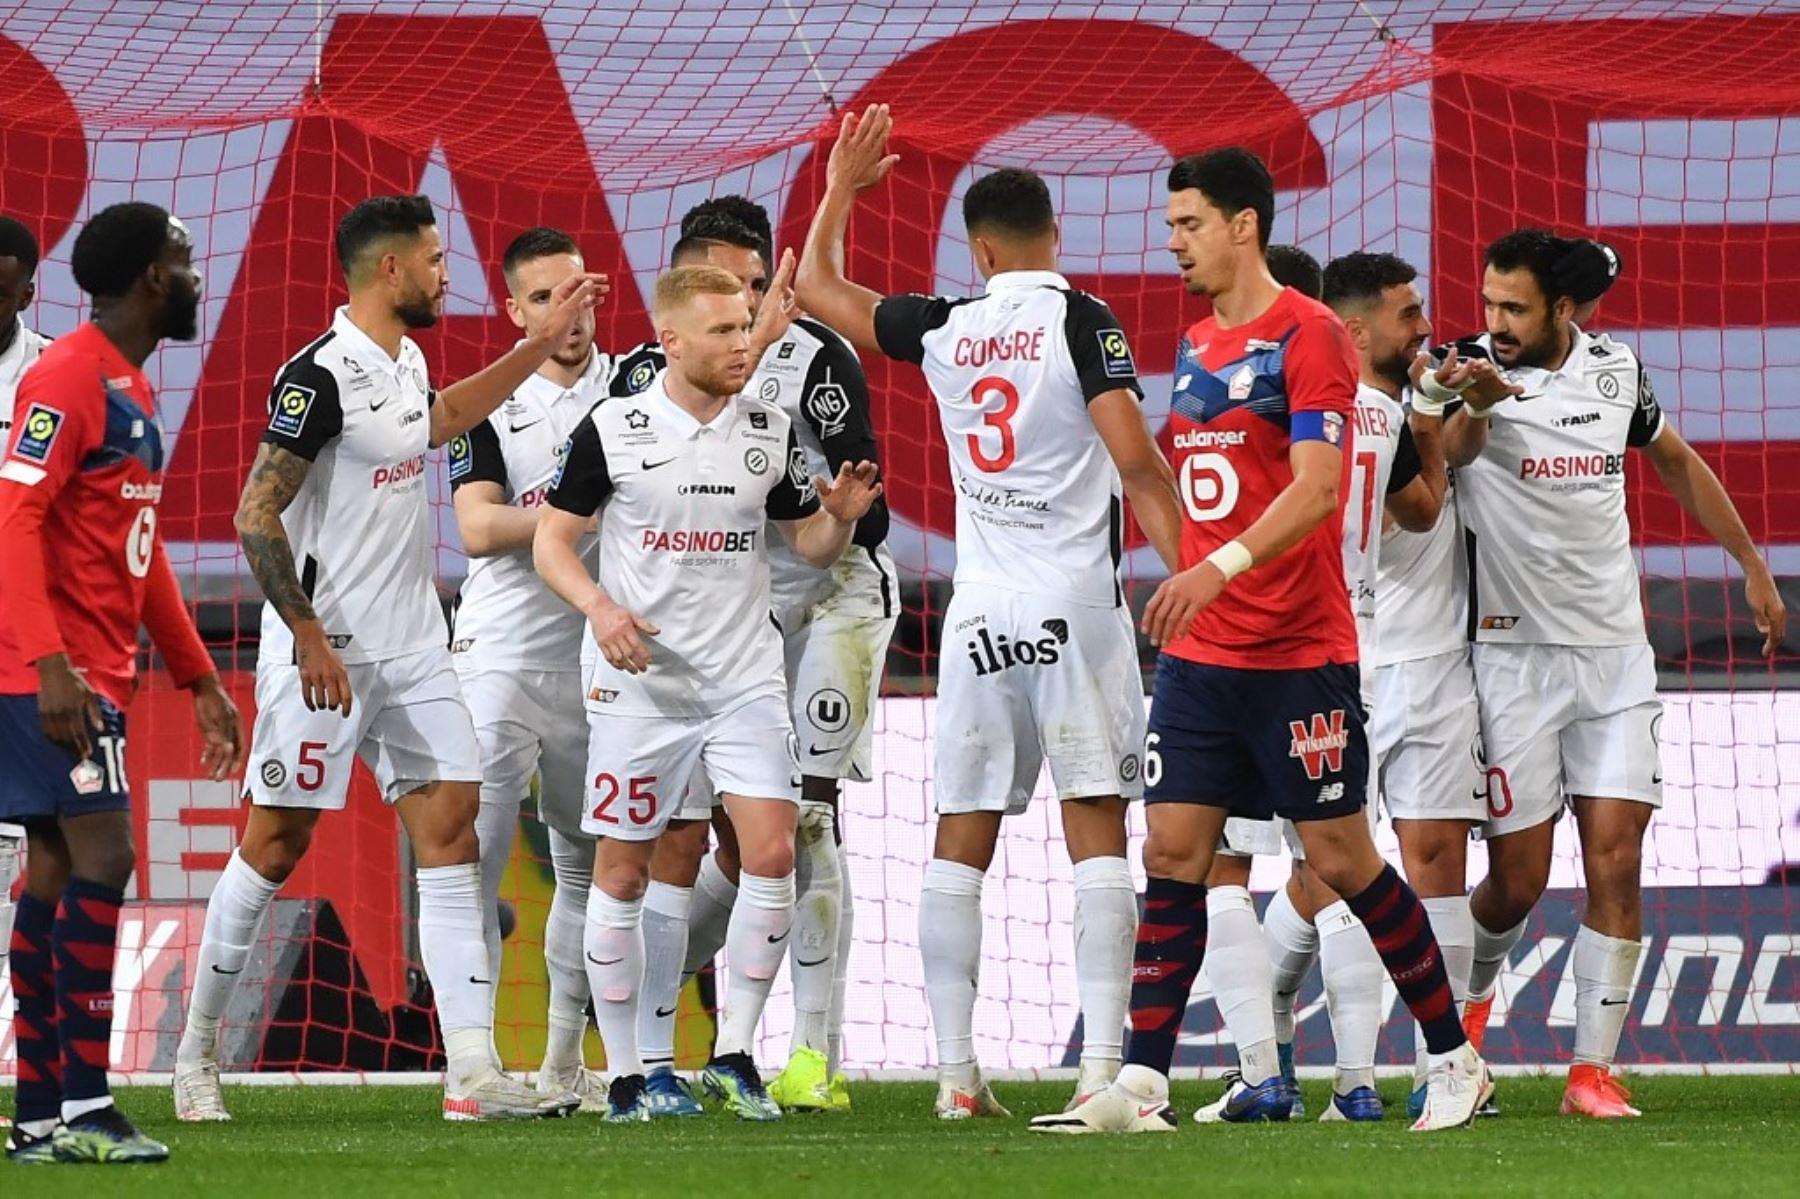 Los jugadores de Montpellier celebran tras anotar durante el partido de fútbol francés L1 entre Lille LOSC y Montpellier Herault SC en el estadio Pierre-Mauroy en Villeneuve-d